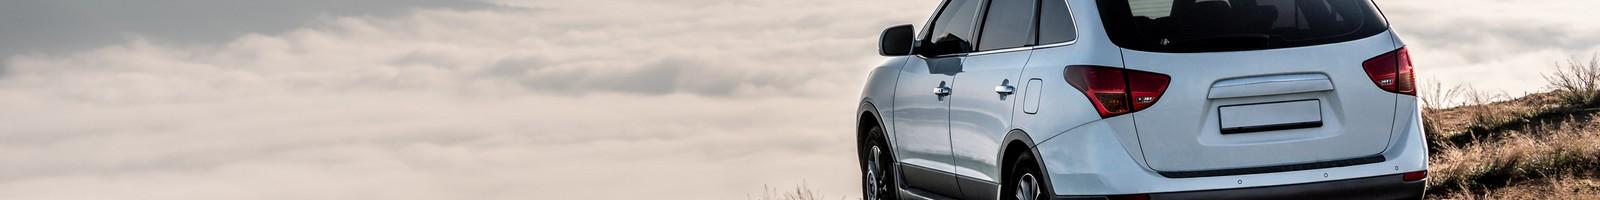 Le gouvernement compte renforcer le système de malus automobile l'année prochaine